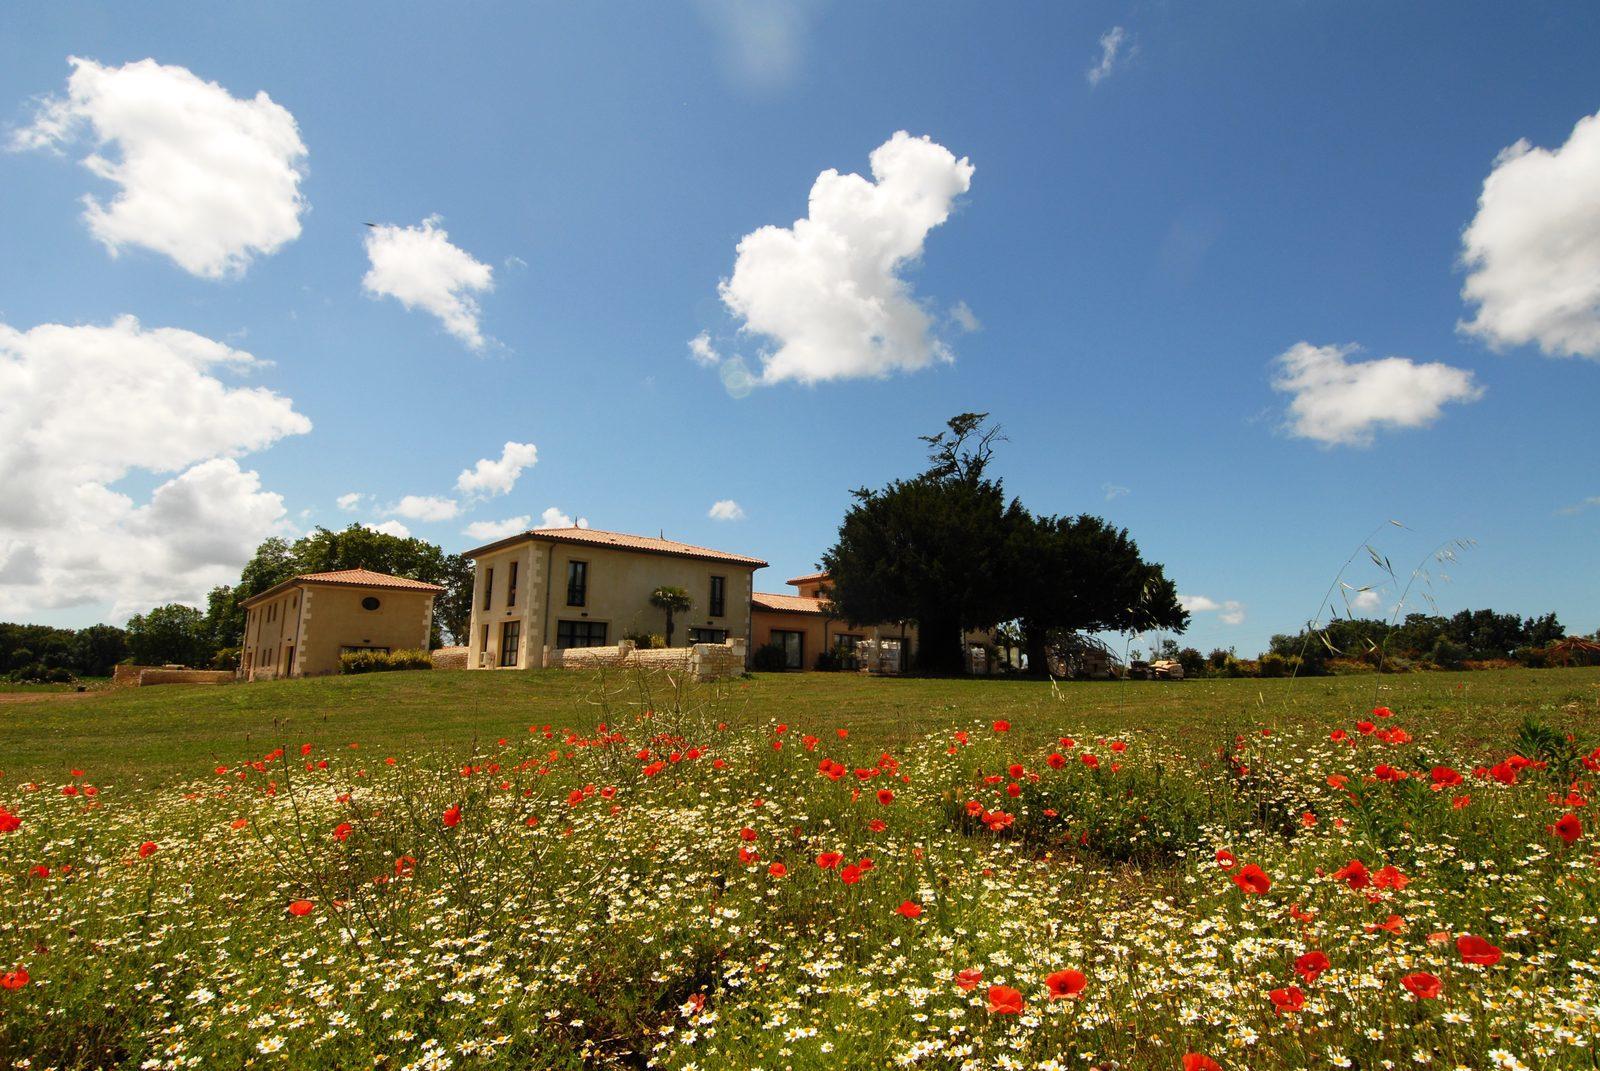 Frankrijk, Charente Maritime, Saint Jean Luzac, vakantie, parkje, kleinschalig, luxe, zwembad